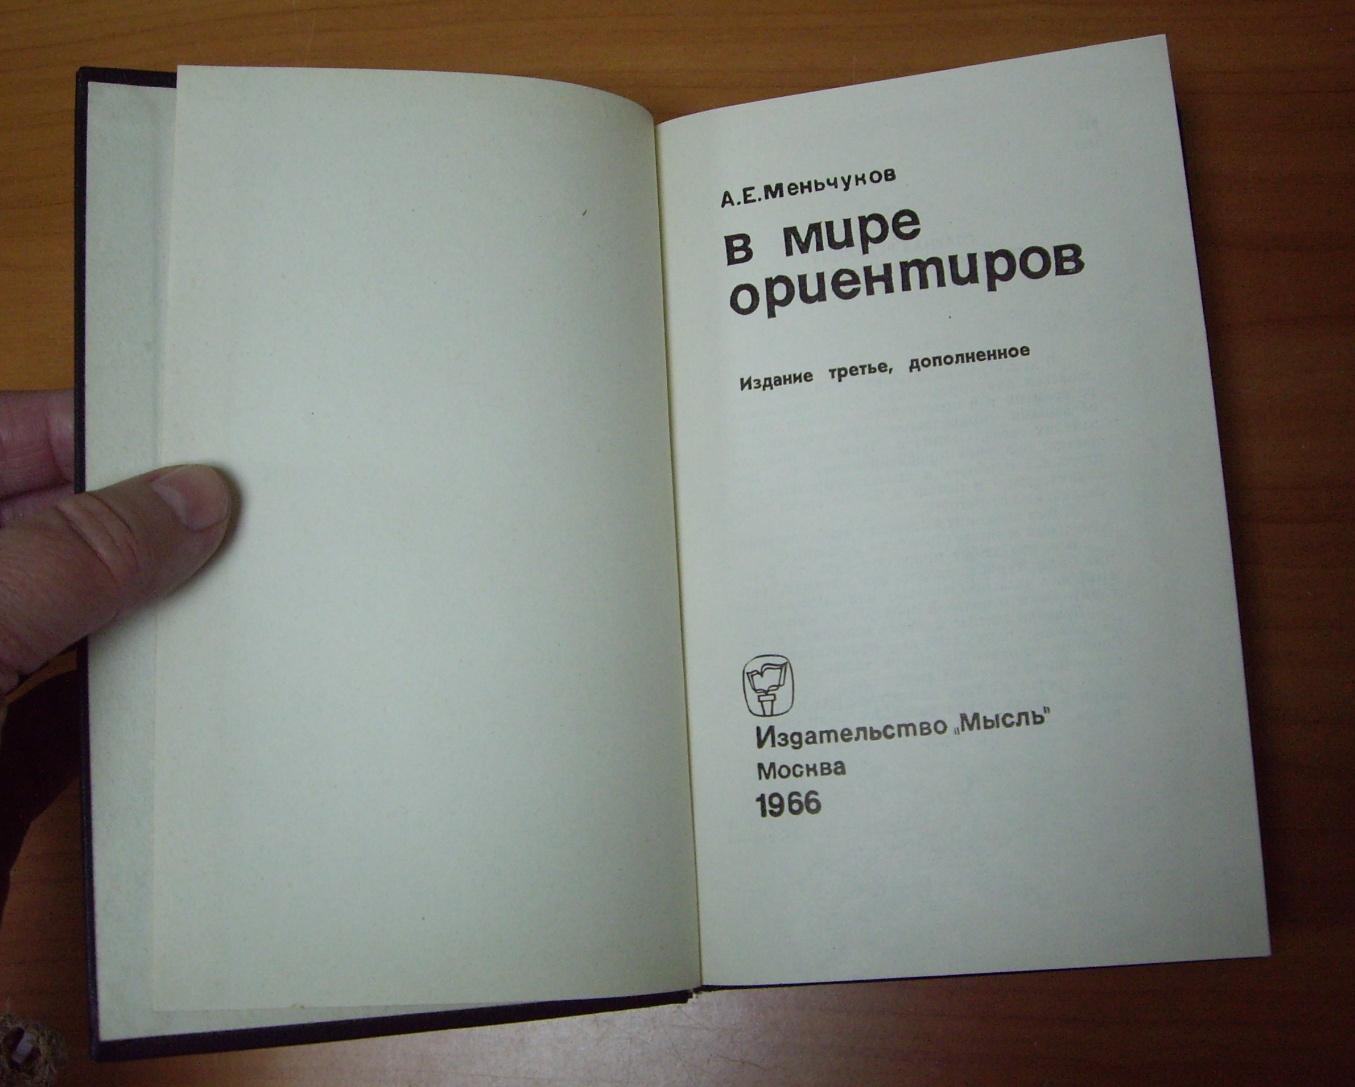 IMGP0347